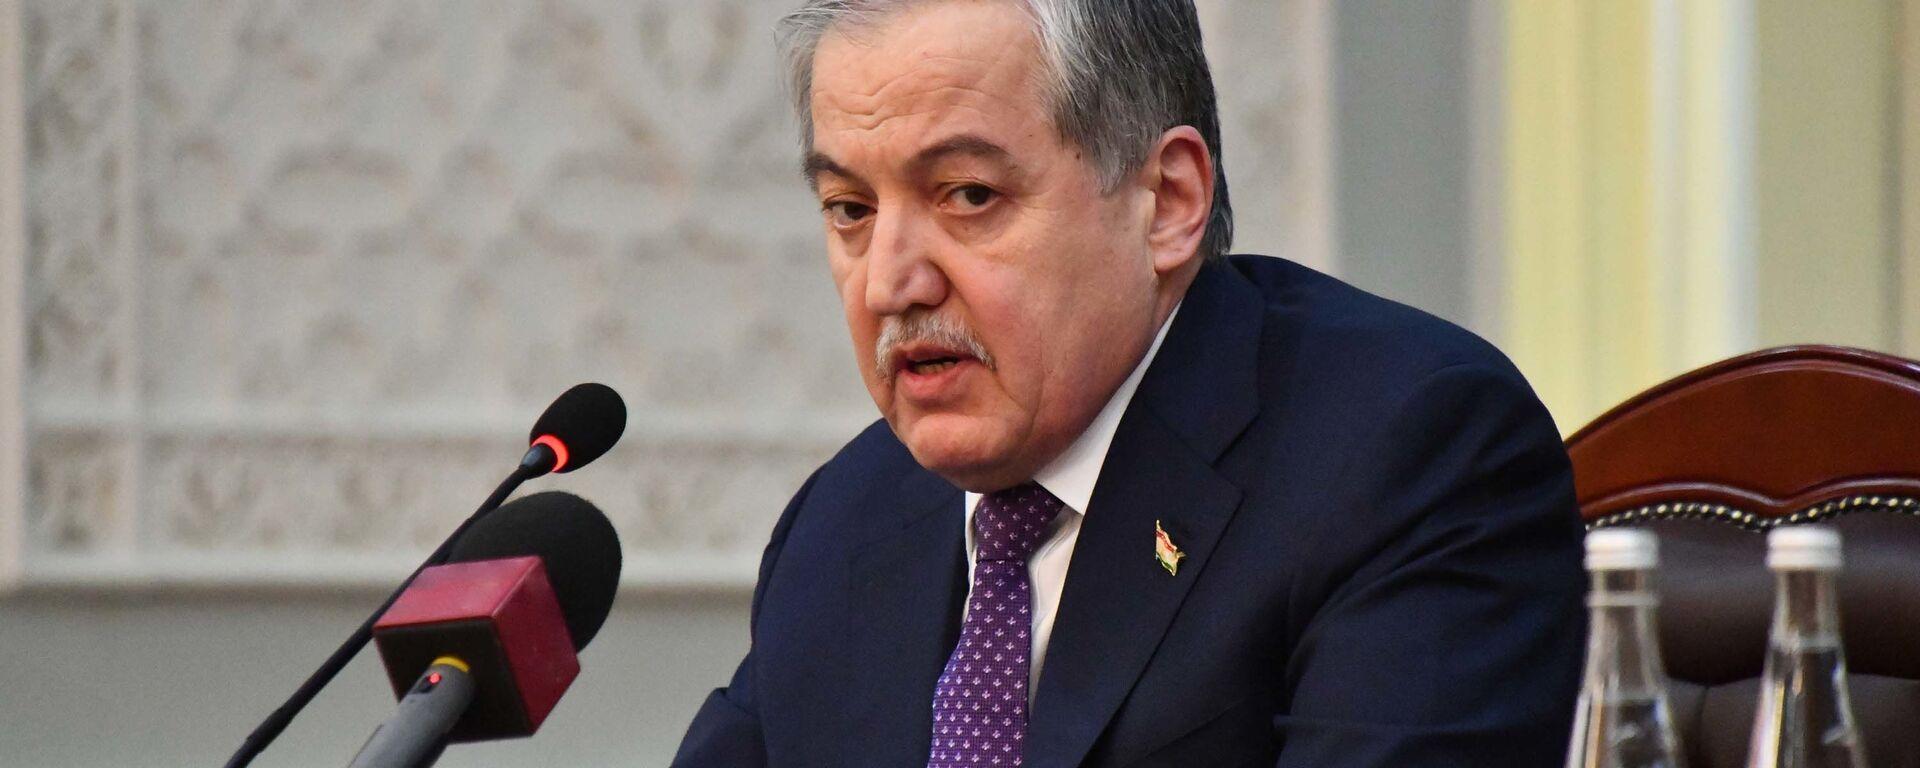 Министр иностранных дел Таджикистана Сироджиддин Мухриддин - Sputnik Тоҷикистон, 1920, 03.10.2021